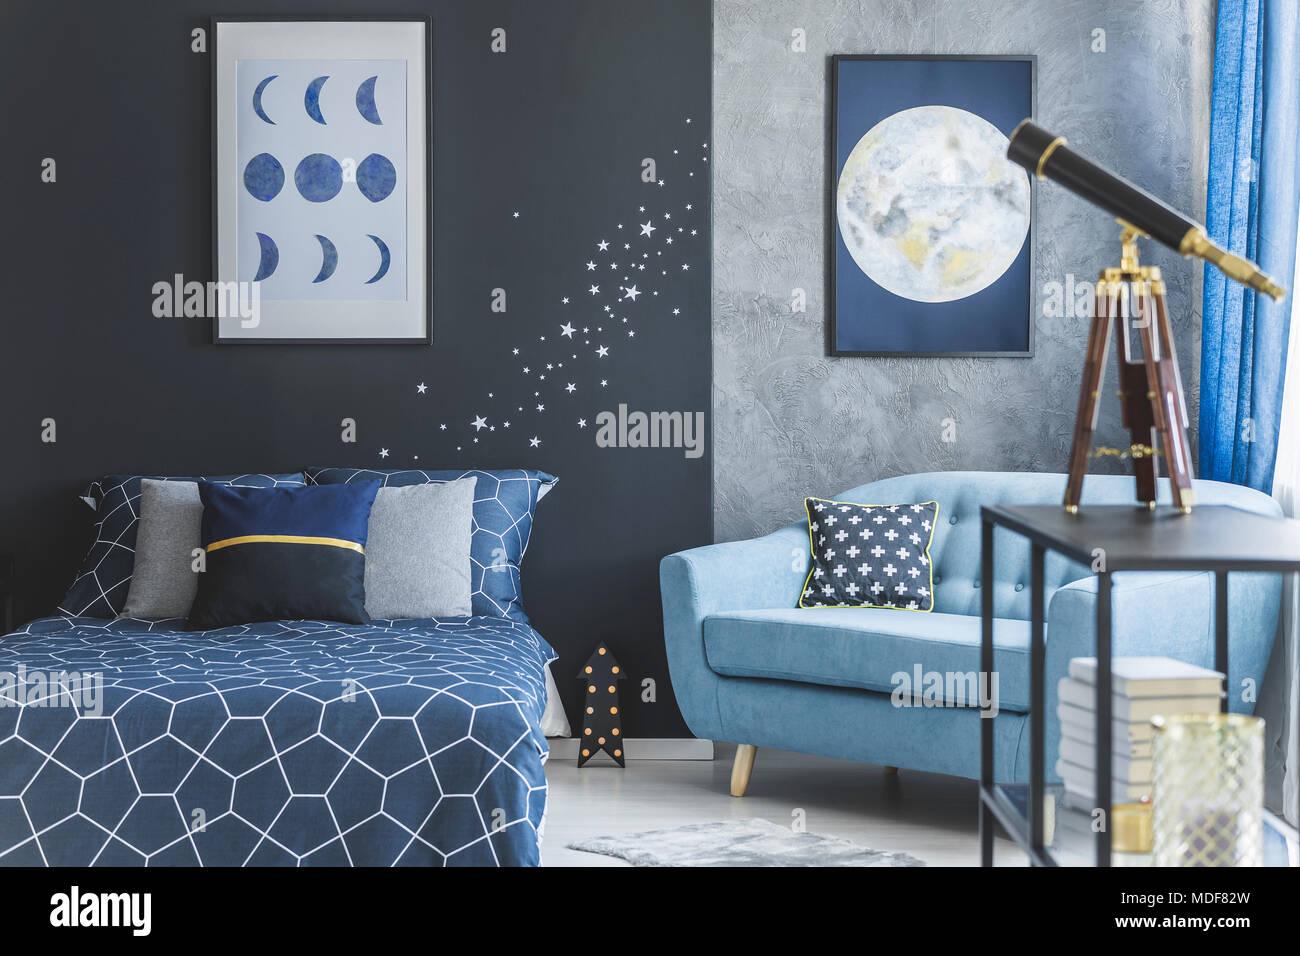 Camera Da Letto Parete Turchese : Poltrona turchese vicino al letto contro blu navy parete nella